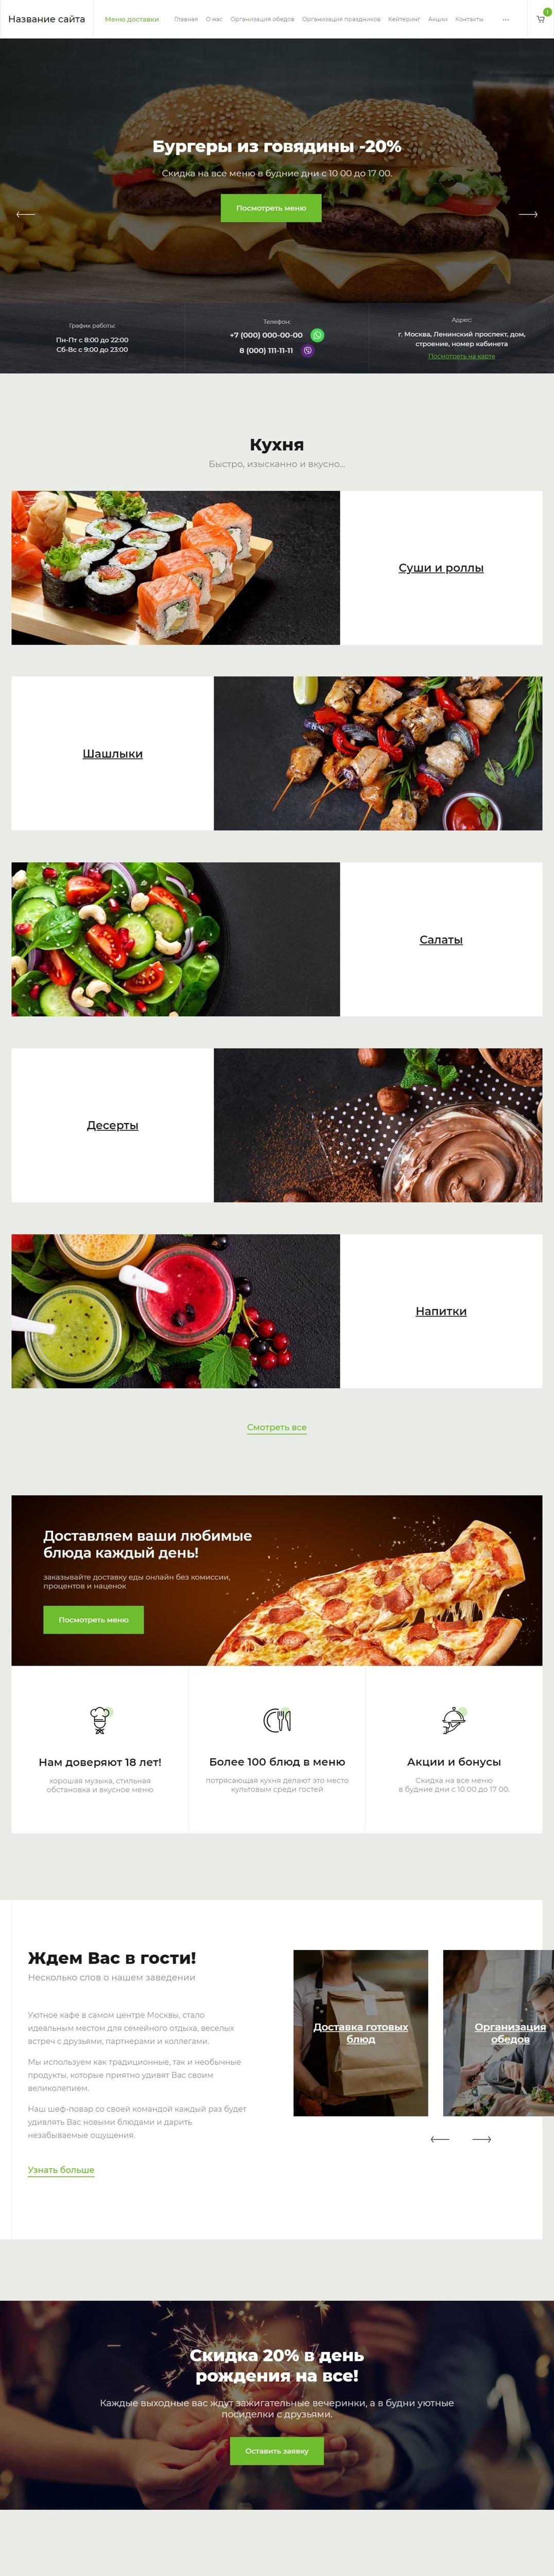 Готовый Интернет-магазин № 3083832 - Кафе, ресторан с доставкой (Главная)